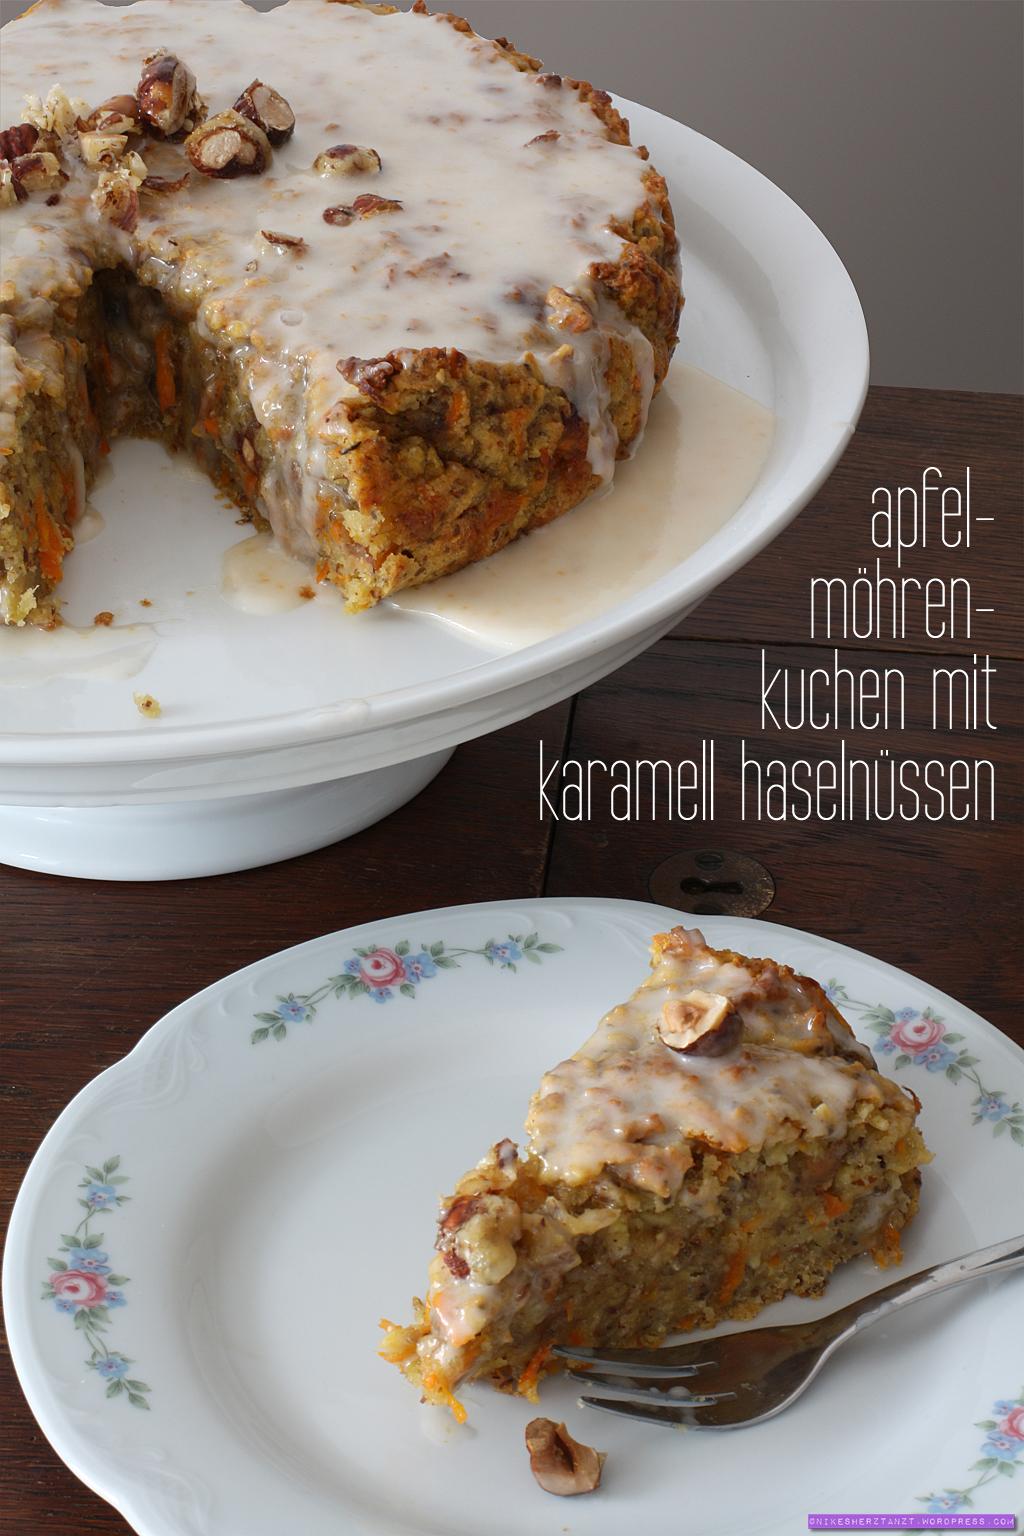 apfel-möhren-kuchen mit karamell haselnüssen, vegan, food, blog, nikesherztanzt